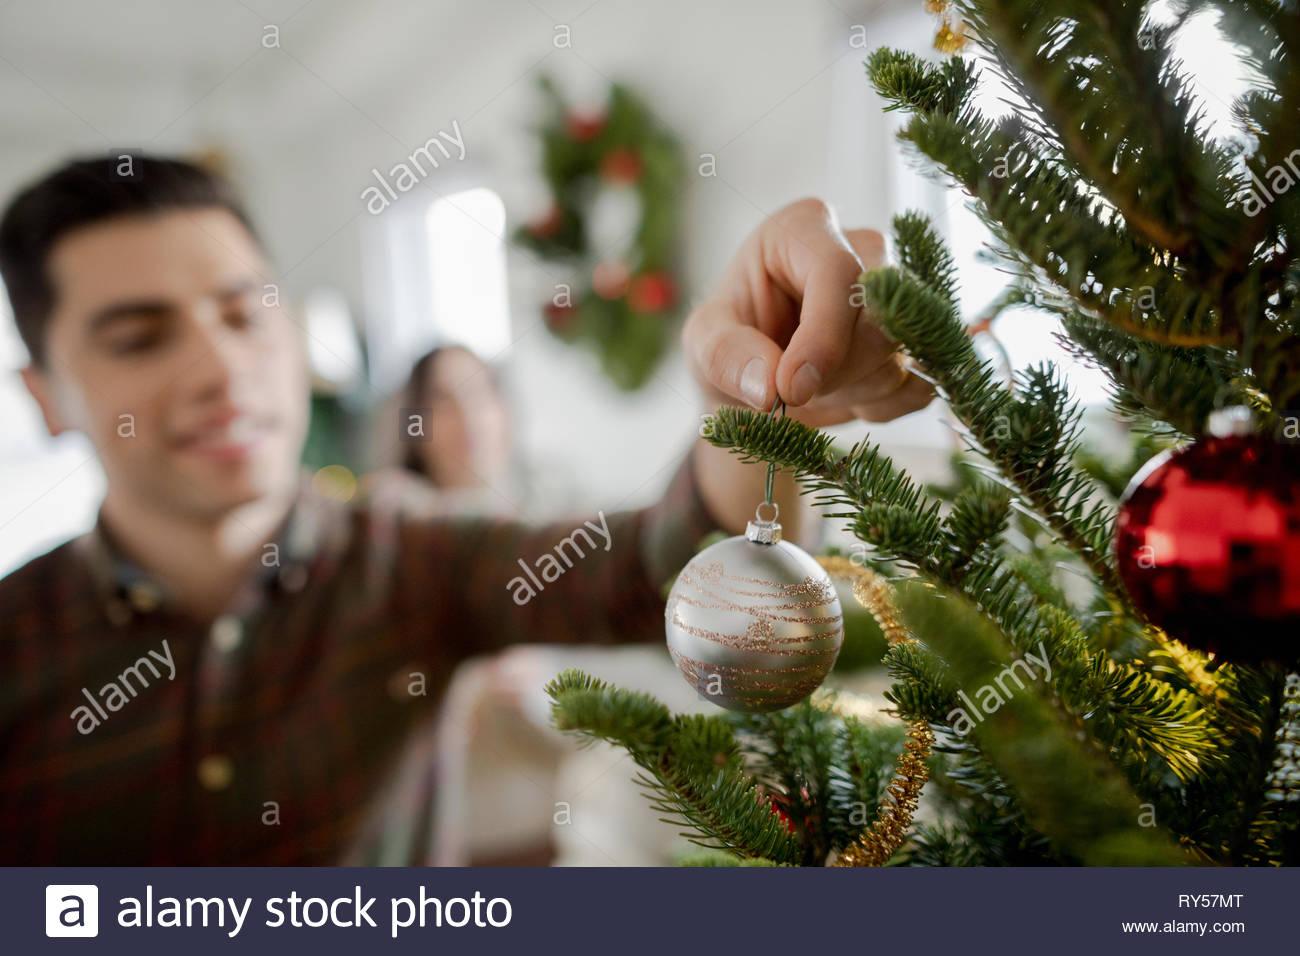 Giovane uomo appeso ornamento su albero di natale Immagini Stock